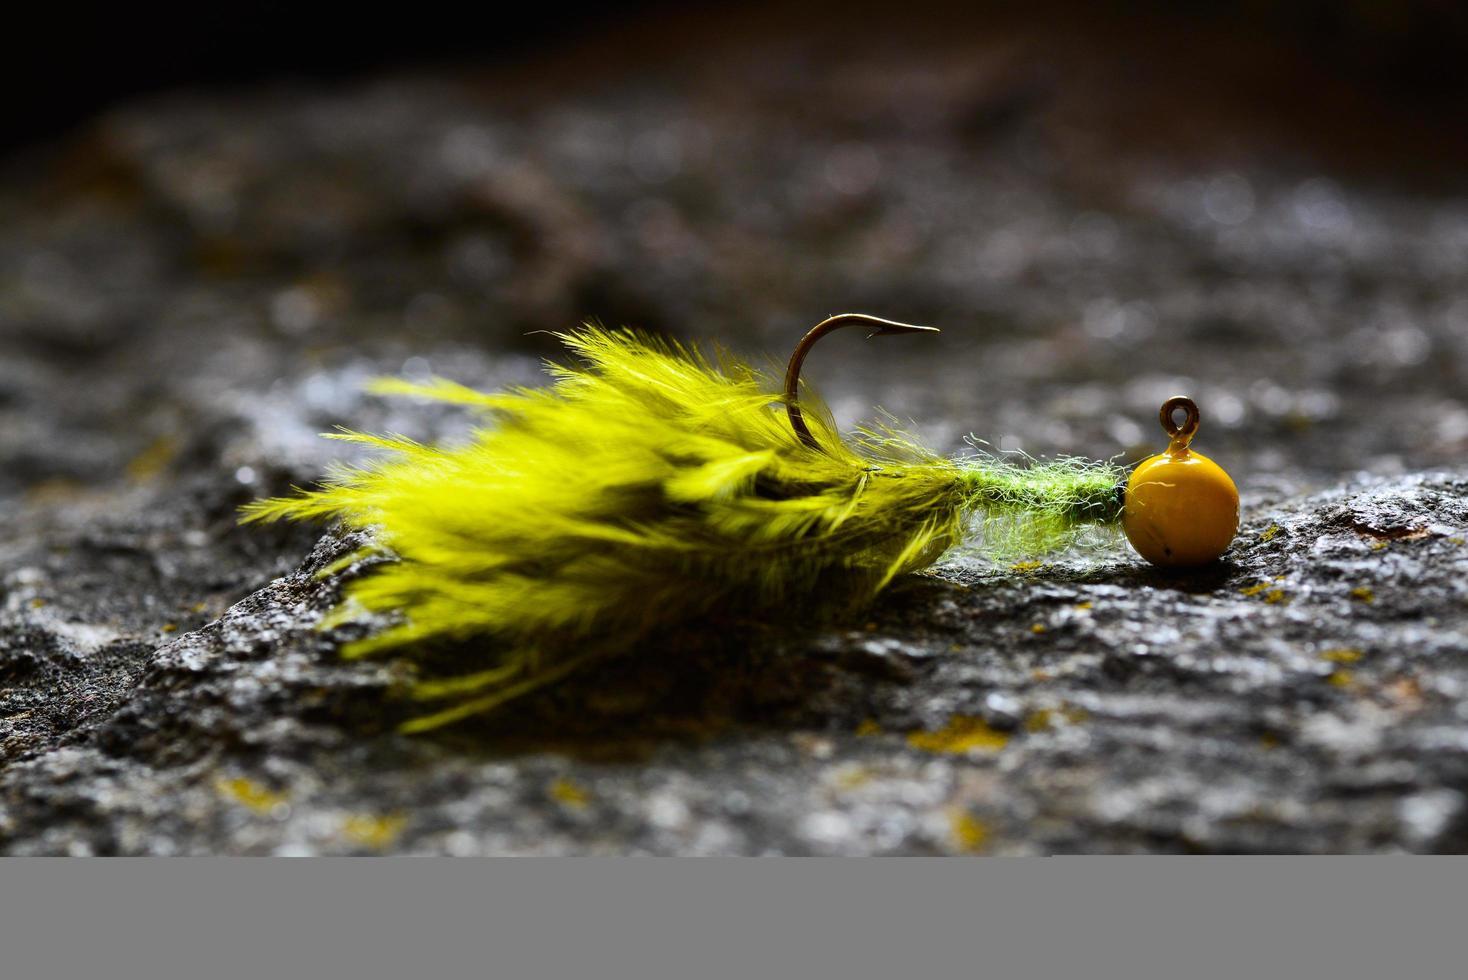 groen-gele jig-streamer maraboe gemaakt van veren op grijze steen foto